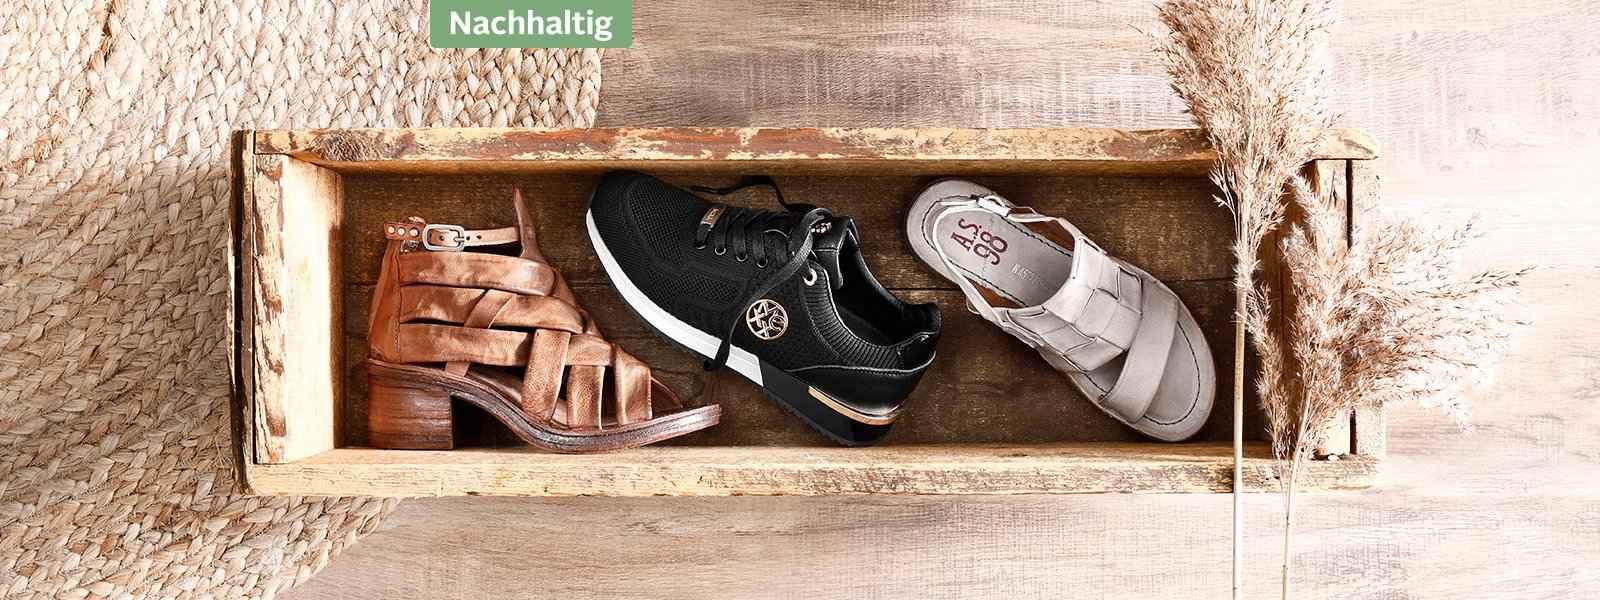 Must-Have: Nachhaltige Schuhe